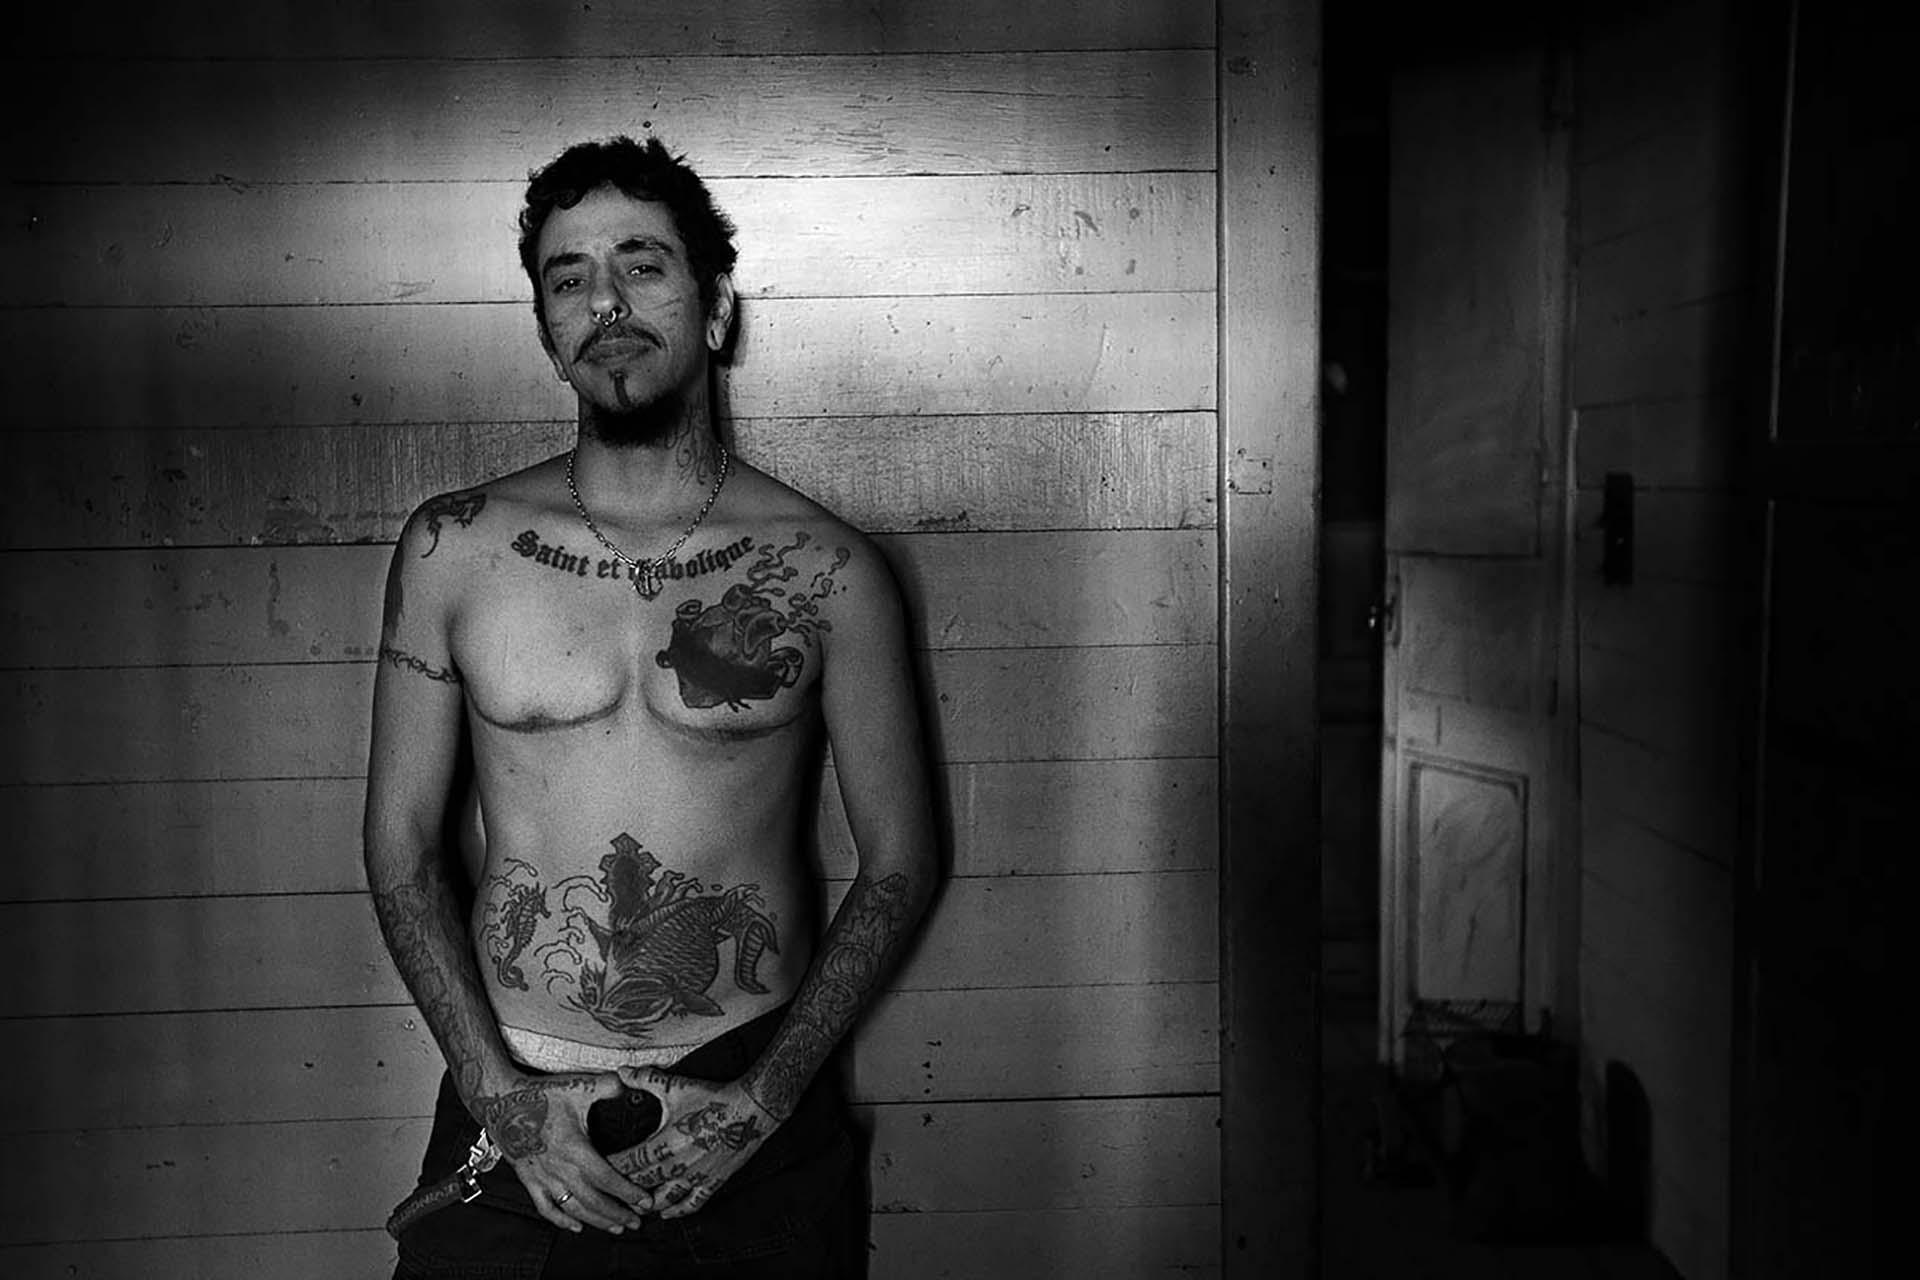 """Emmanuel Valentino Fernández es un varón trans que """"salió del closet"""" cuando tenía 30 años y atravesó una profunda transformación. Hoy trabaja como tatuador."""